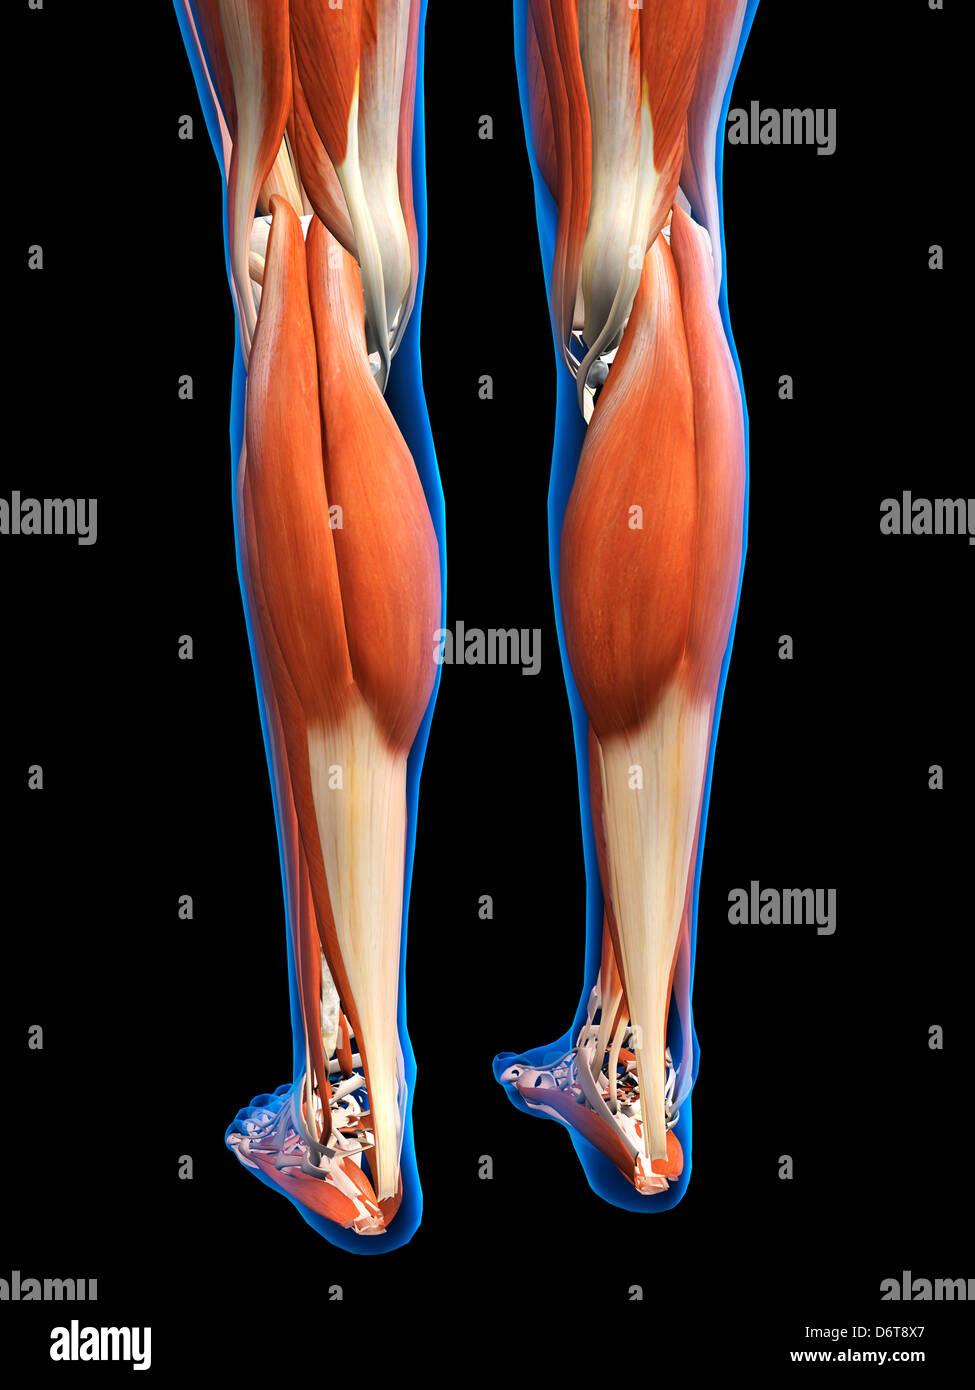 Weibliche Beine Füße Muskeln Anatomie in Blau x-ray Gliederung Full ...